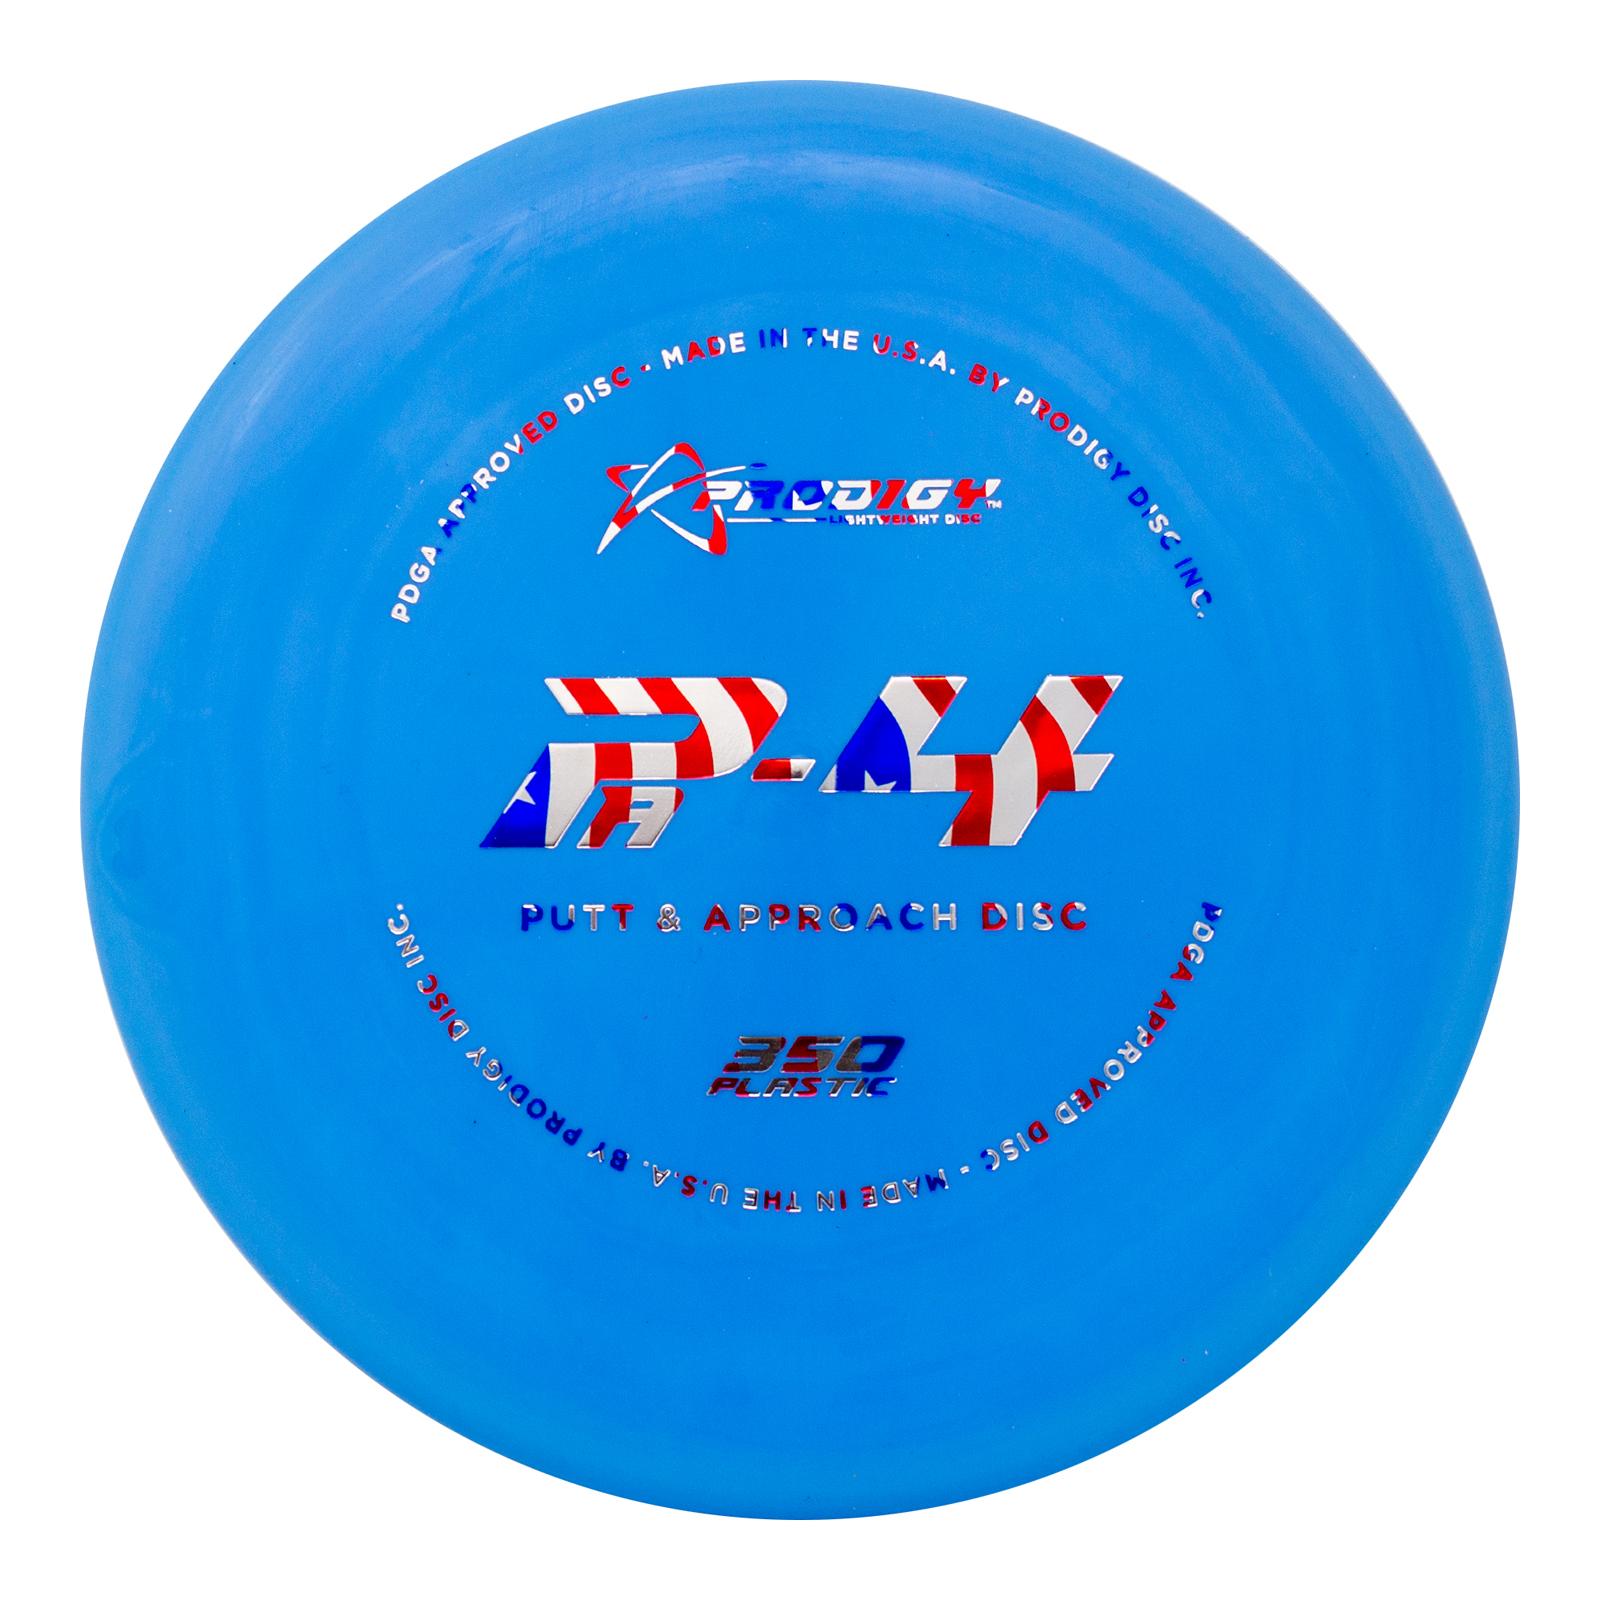 PA-4 - 350 PLASTIC